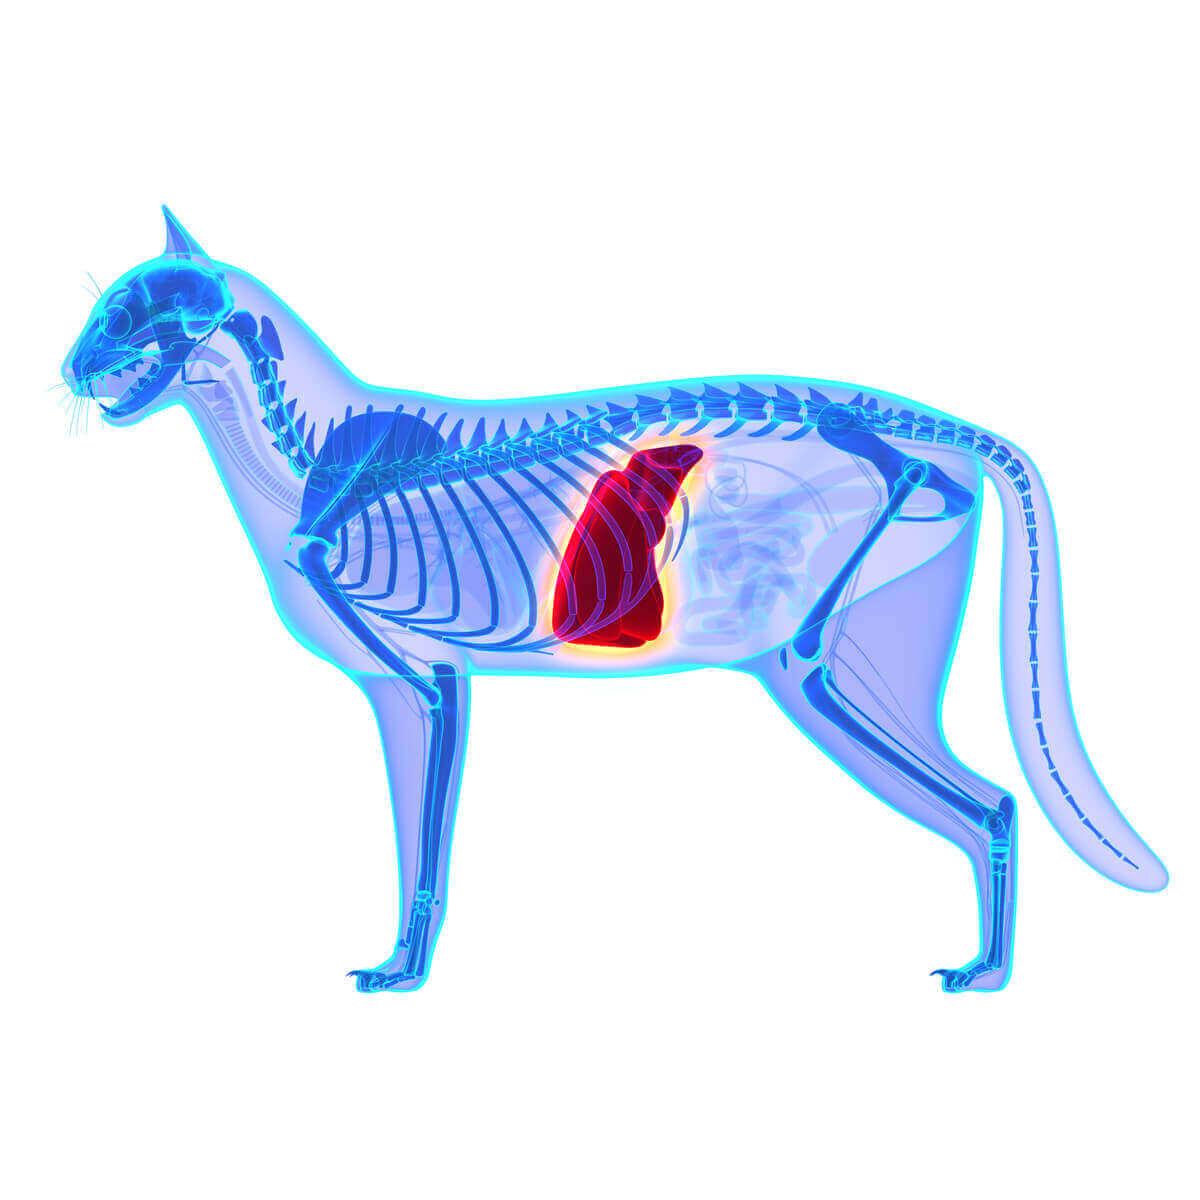 En digital illustrasjon av et røntgenbilde av en katt med leveren fremhevet i rødt